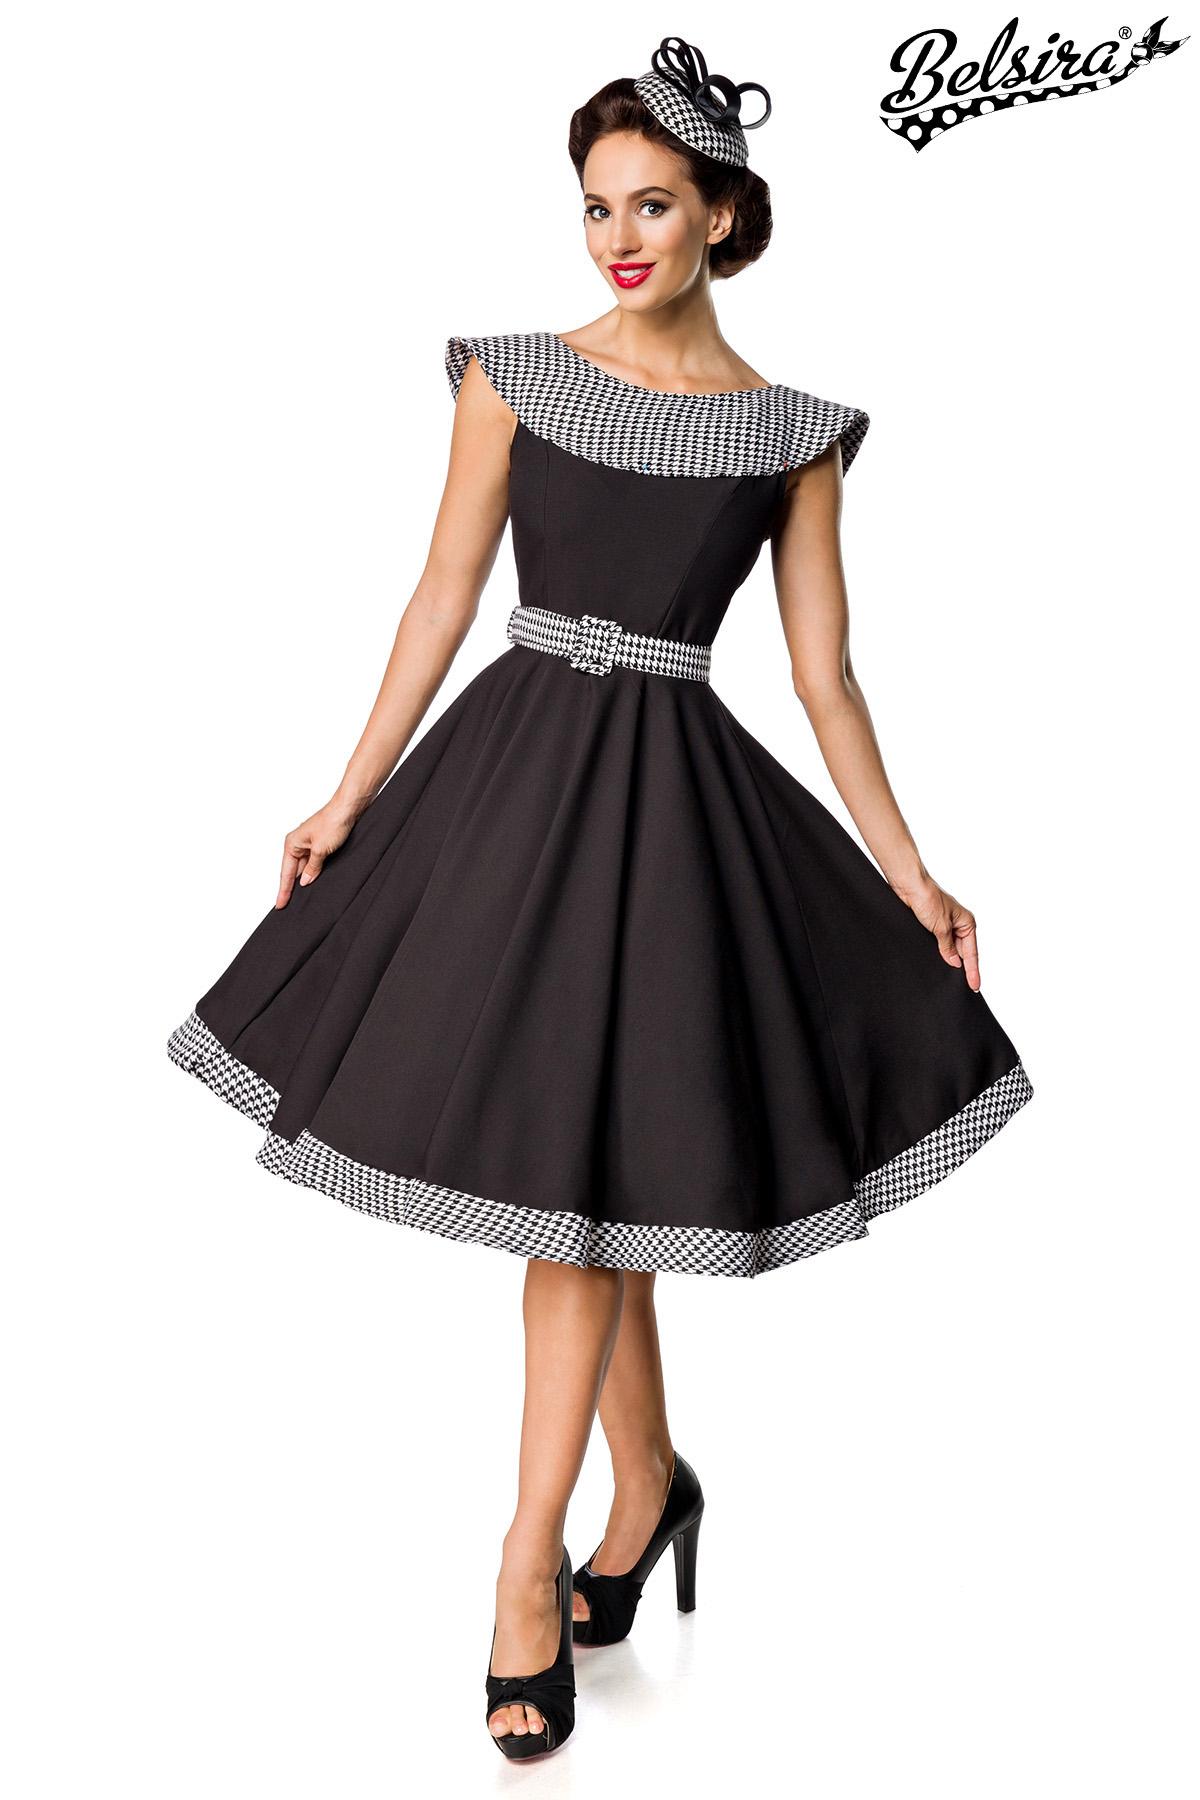 Belsira Premium Vintage Swing-Kleid schwarz/weiß (13) in